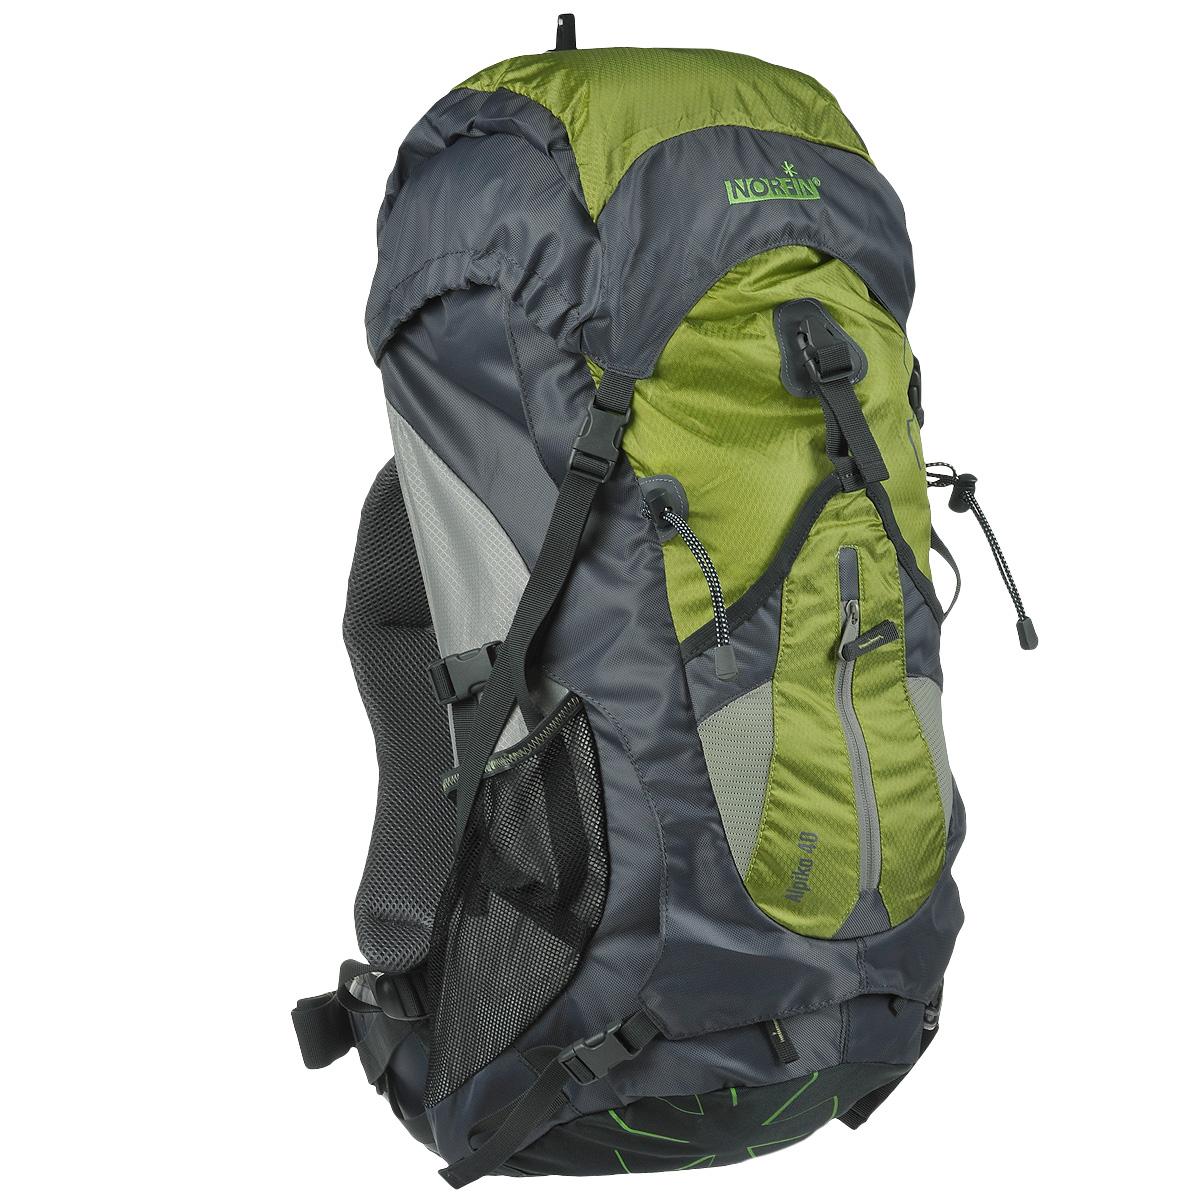 Рюкзак туристический Norfin Alpika, цвет: серый, неоновый желтый, 40 лNF-40203Многофункциональный штурмовой рюкзак Norfin Alpika выполнен из прочного полиэстера. Благодаря многофункциональности данный рюкзак позволяет удобно и легко укладывать свои вещи.Особенности рюкзака:Подвесная система A-2 с вентиляцией спиныПоясной ремень Грудная стяжкаВыход под питьевую системуБольшой U-образный вход в основное отделениеДва фронтальных карманаБоковые карманы из сеткиСъемный верхний клапан с карманомЧехол-дождевик в кармане на днеВозможность крепления трекинговых палок.